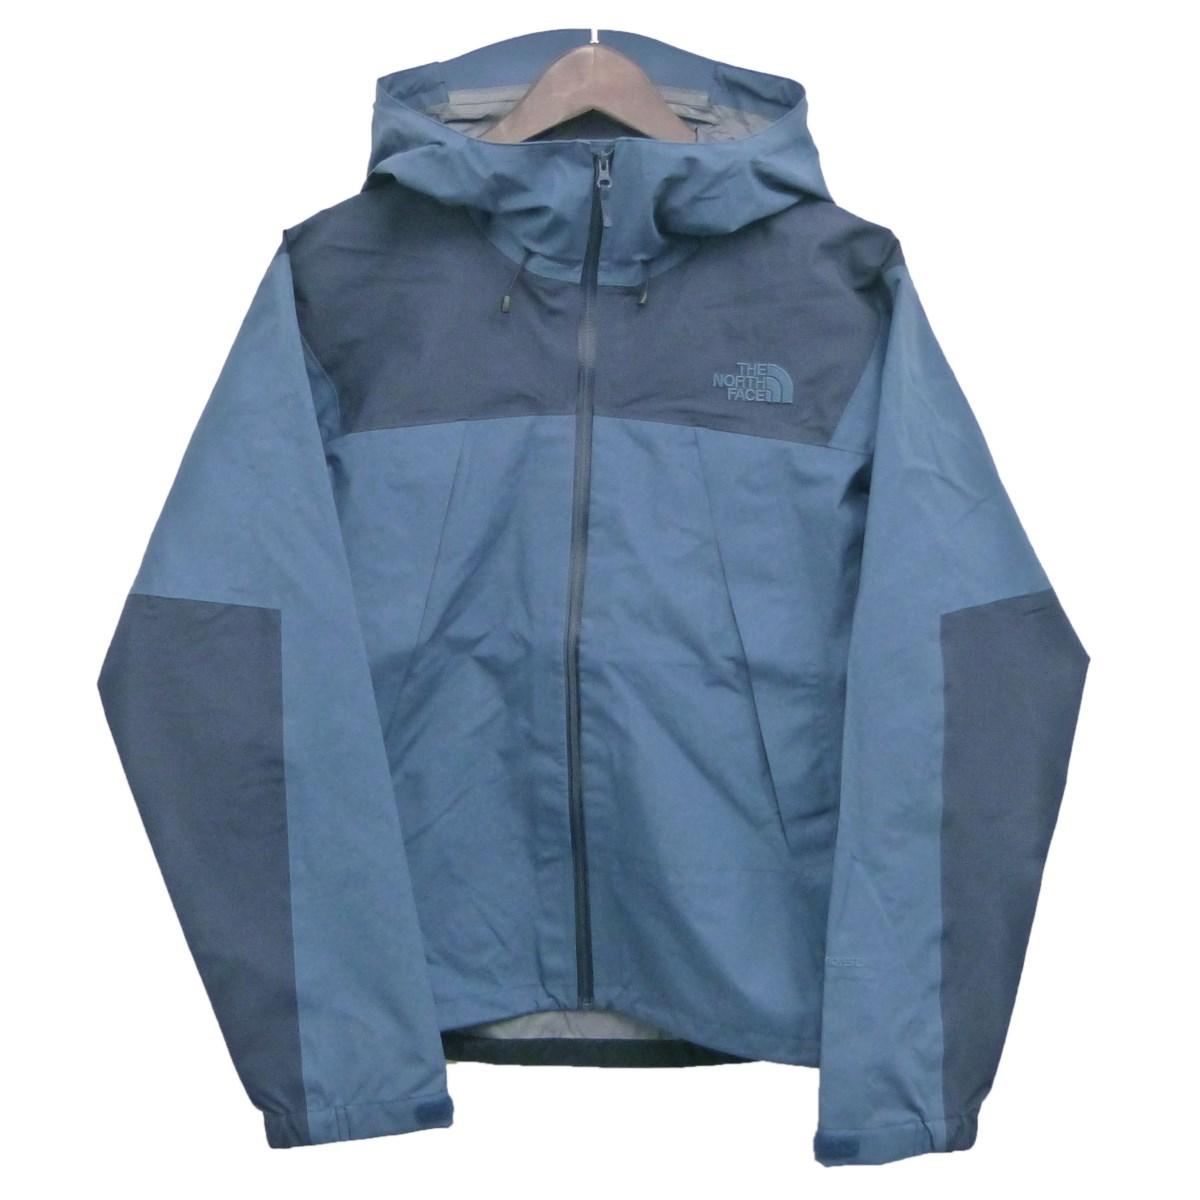 【中古】THE NORTH FACE 20SS クライムライトジャケット ブルーグレー サイズ:L 【170120】(ザノースフェイス)